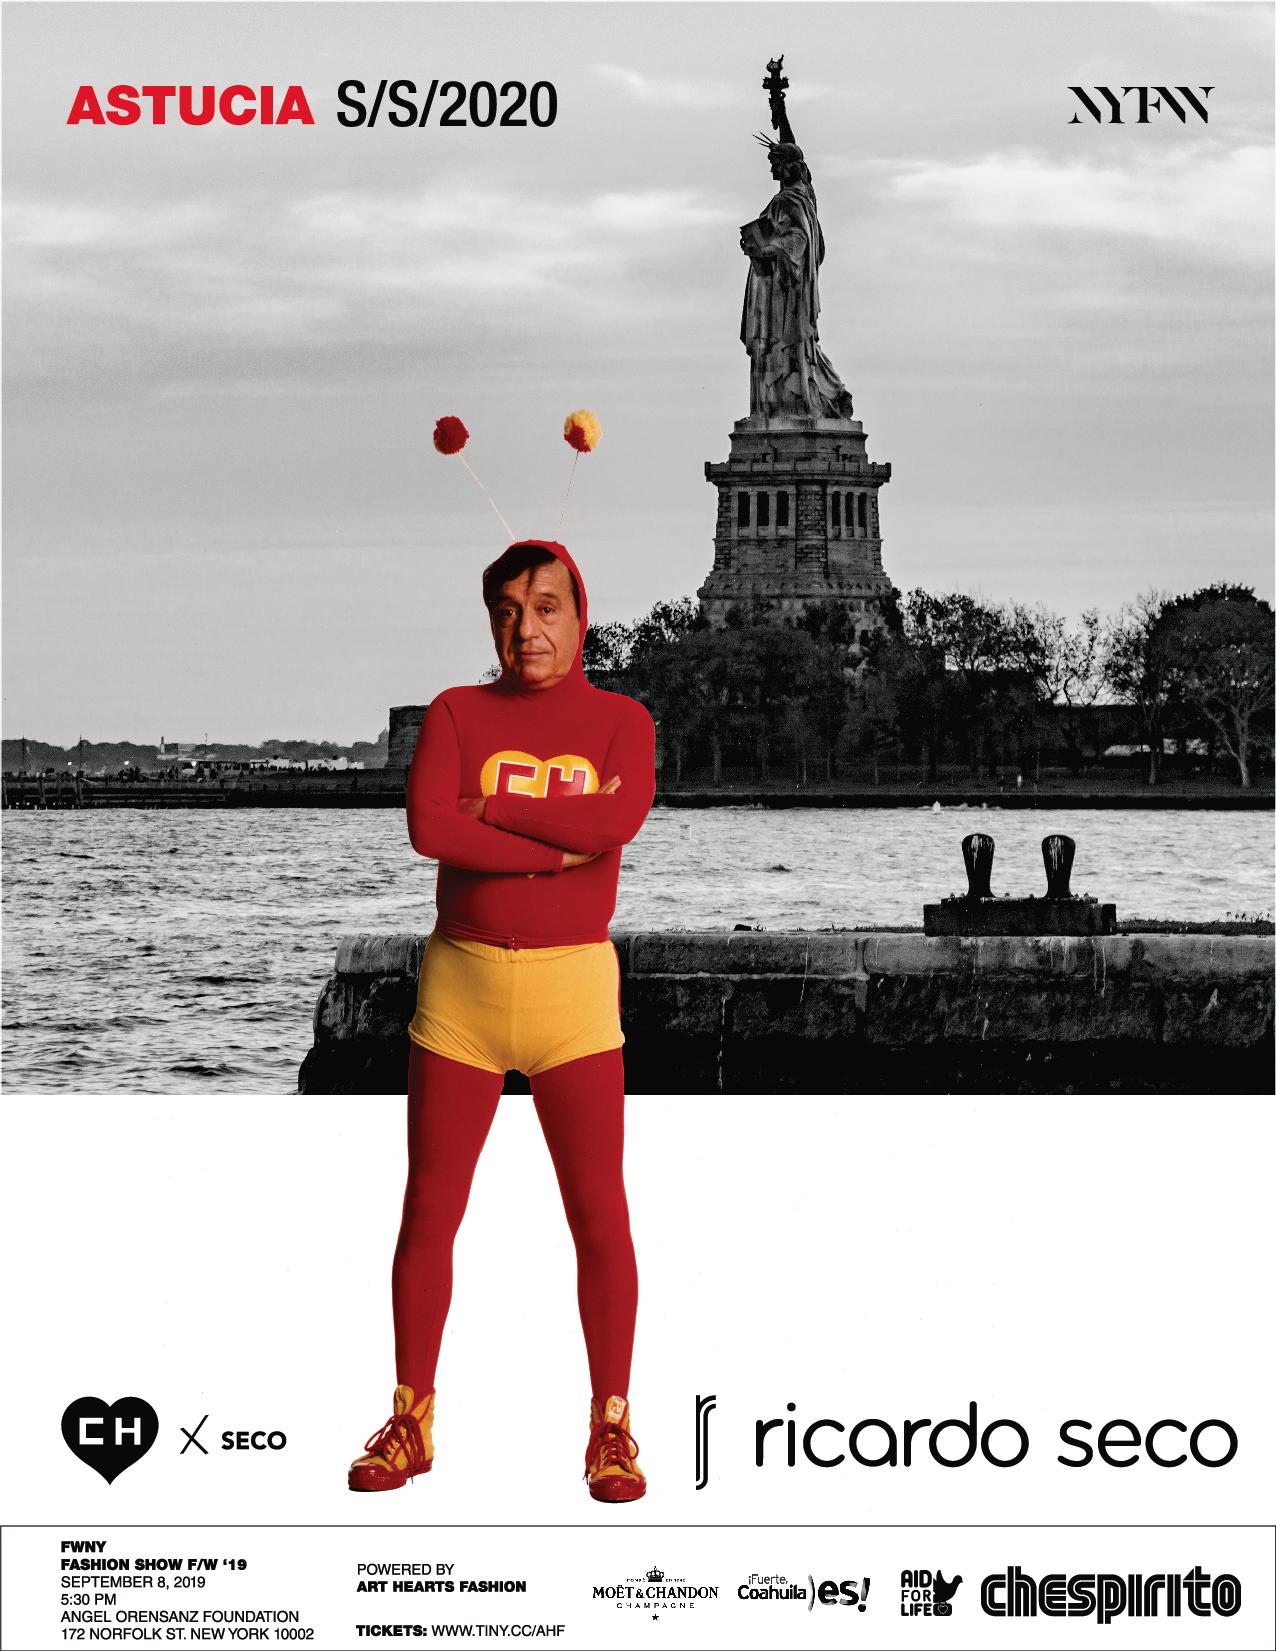 La nueva colaboración entre Chespirito y Ricardo Seco